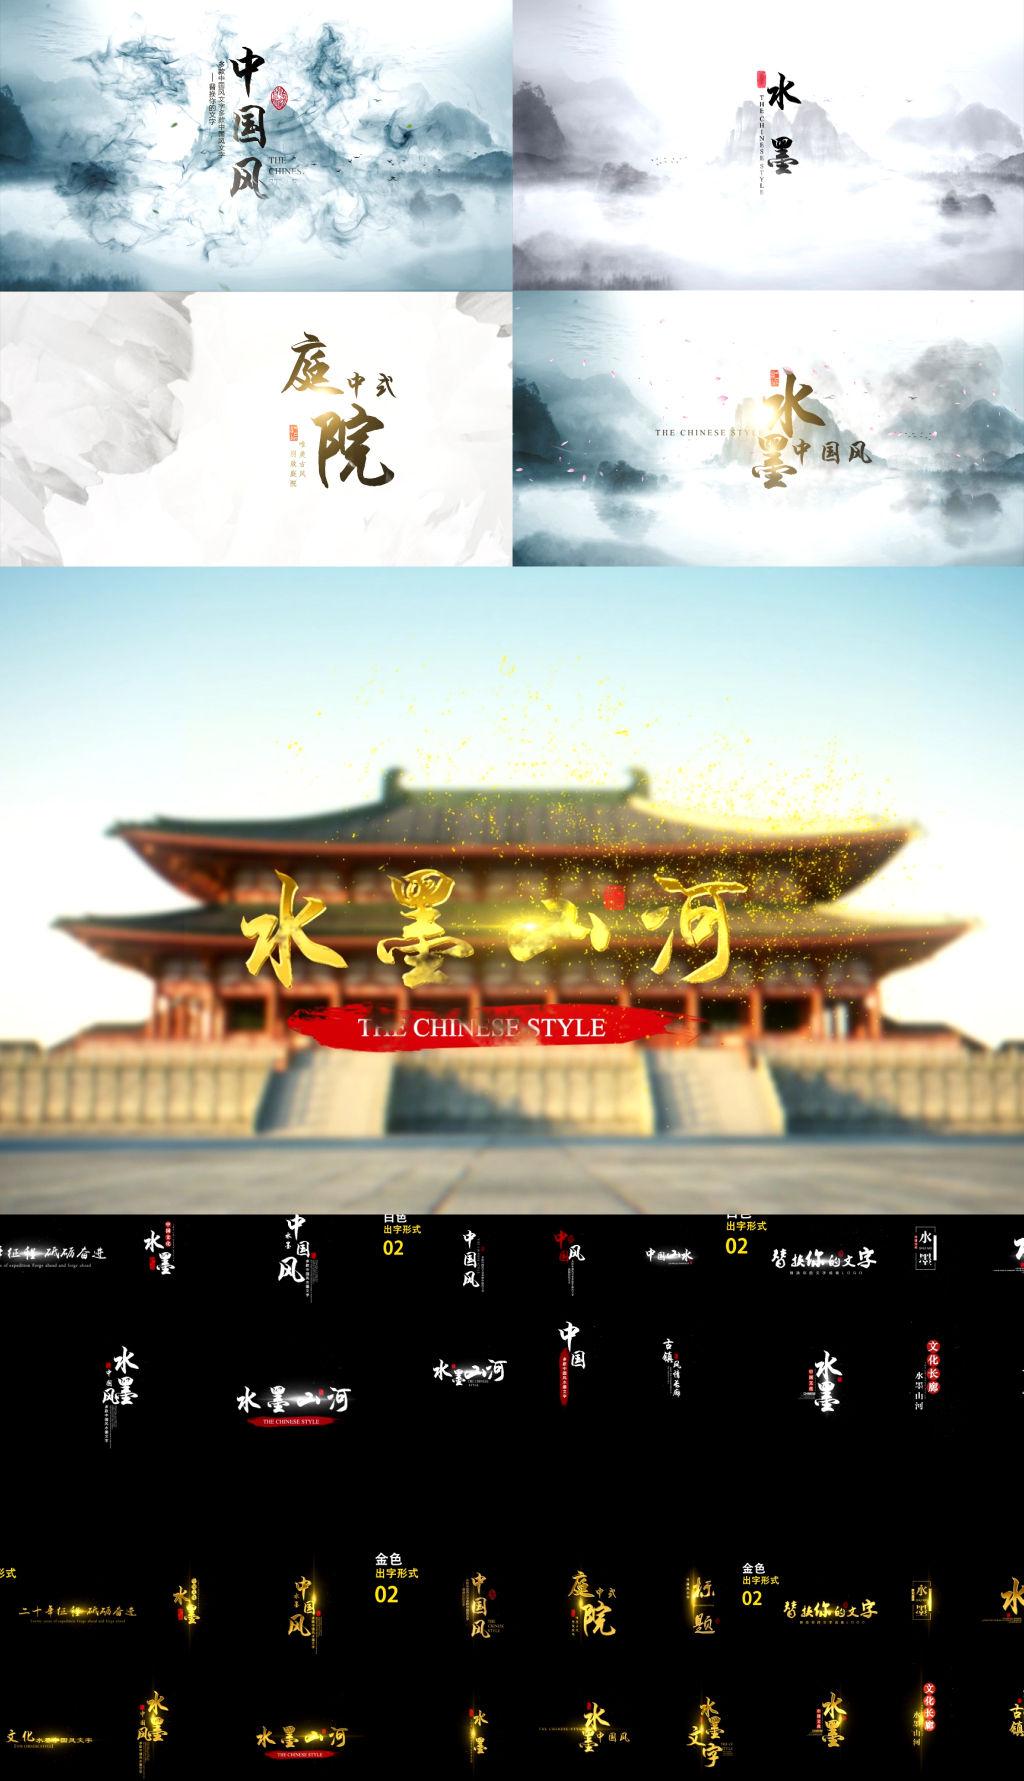 【原创】超全震撼中国风水墨工具包AE模板